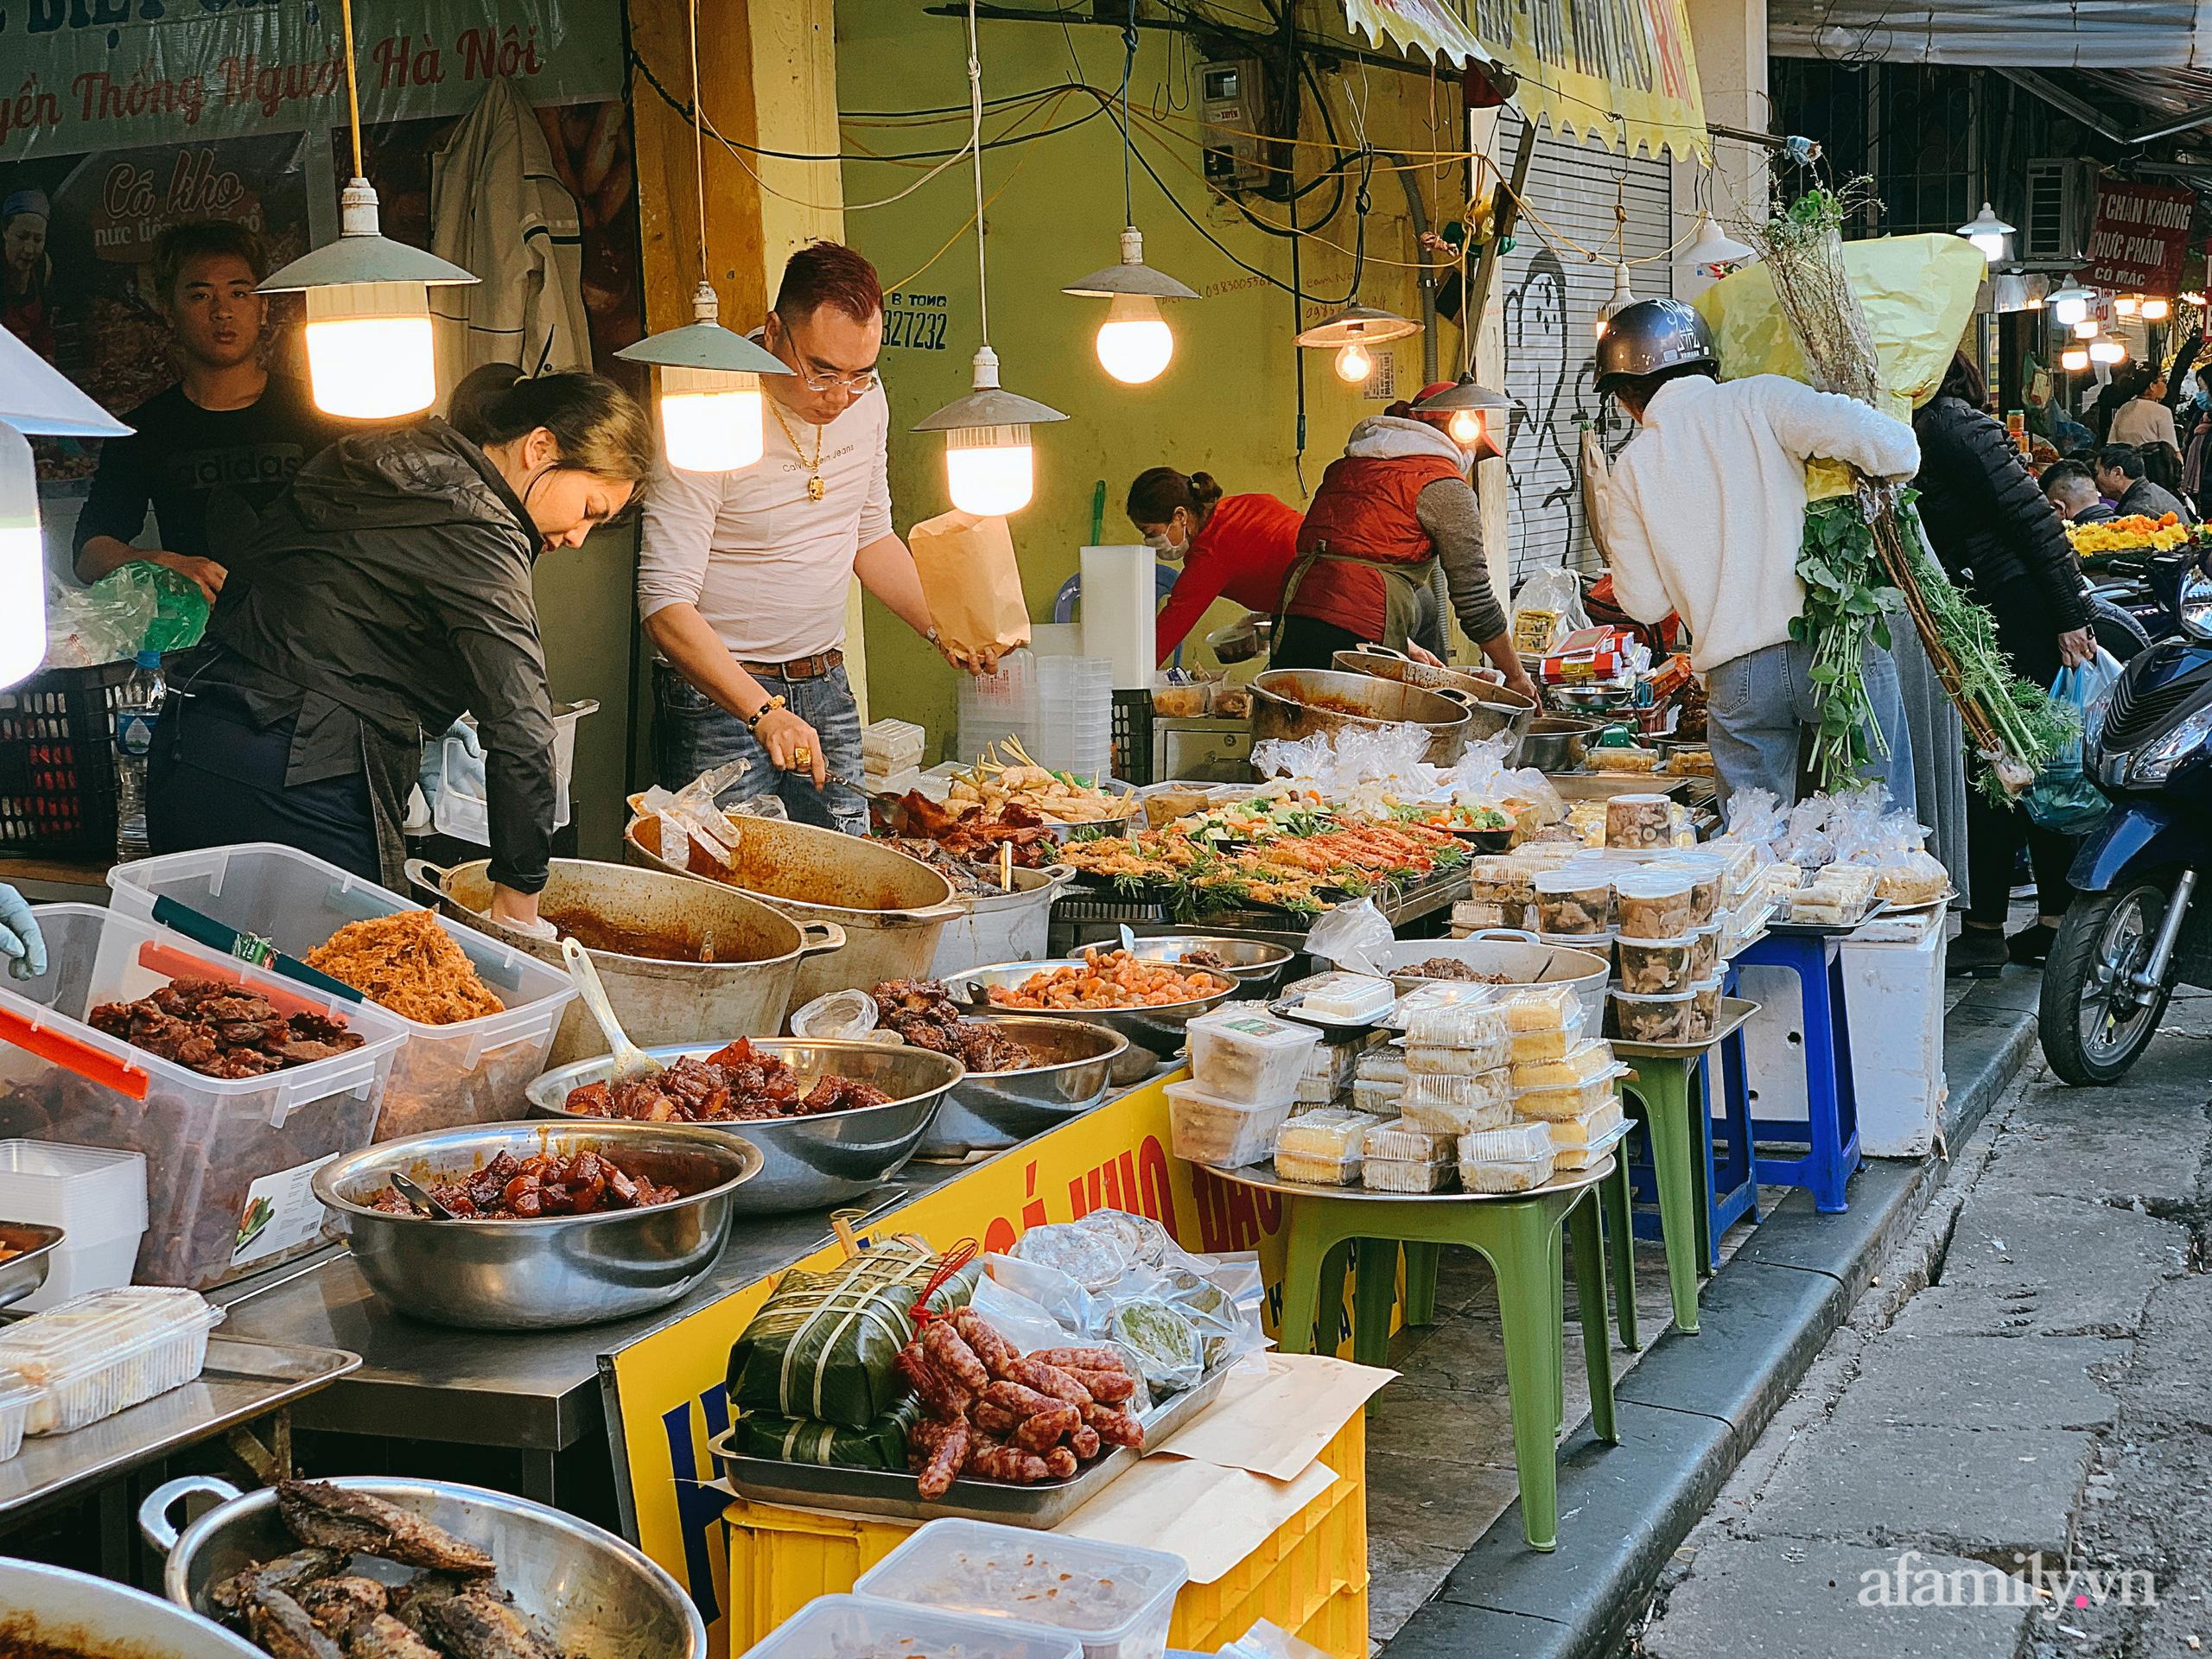 """30 Tết: Chợ Hàng Bè thất thủ, 1 triệu đồng/con gà bày mâm cỗ mà khách vẫn phải xếp hàng chờ """"dài cổ"""" - Ảnh 11."""